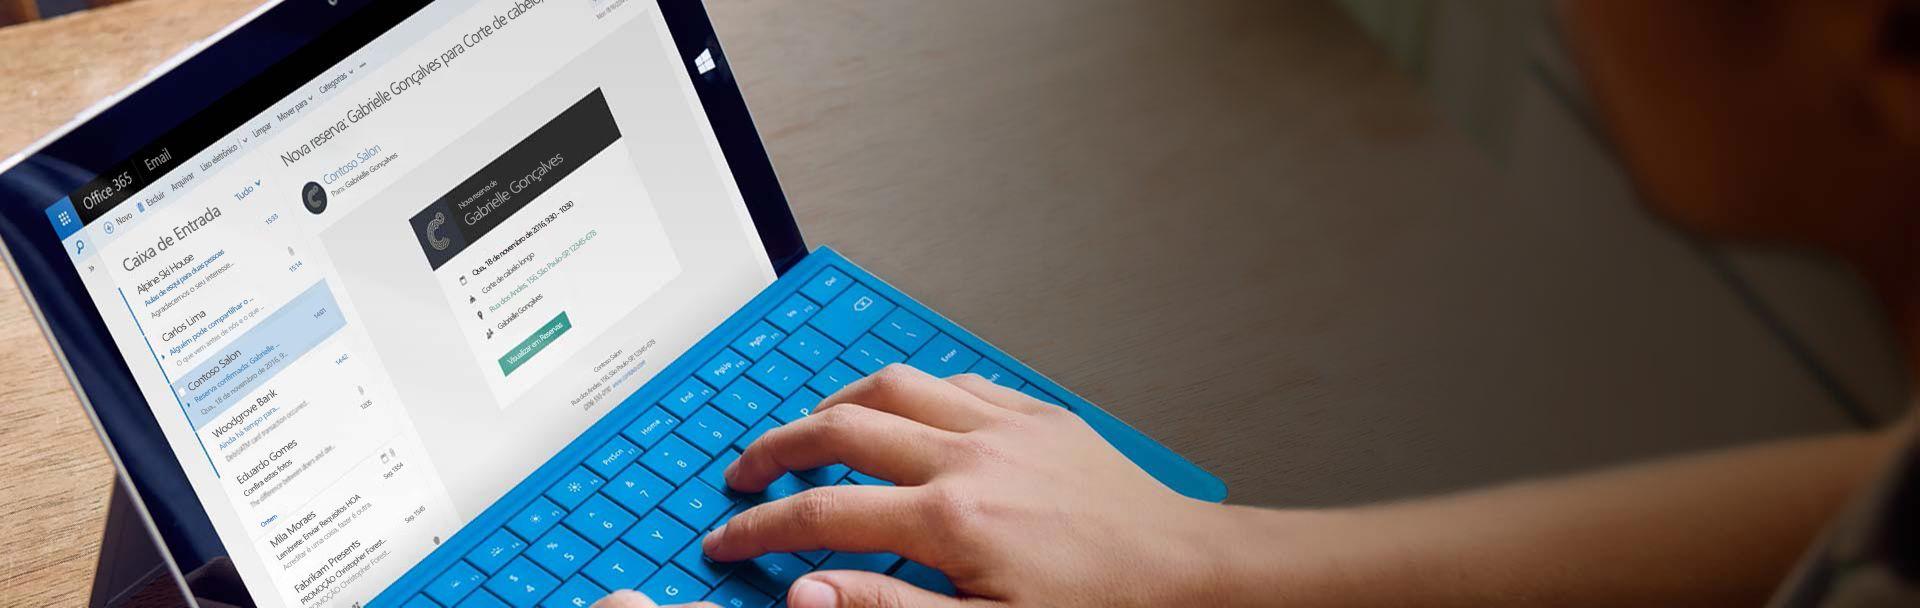 Um tablet que mostra os lembretes de compromisso do Bookings do Office 365 na imagem de email.